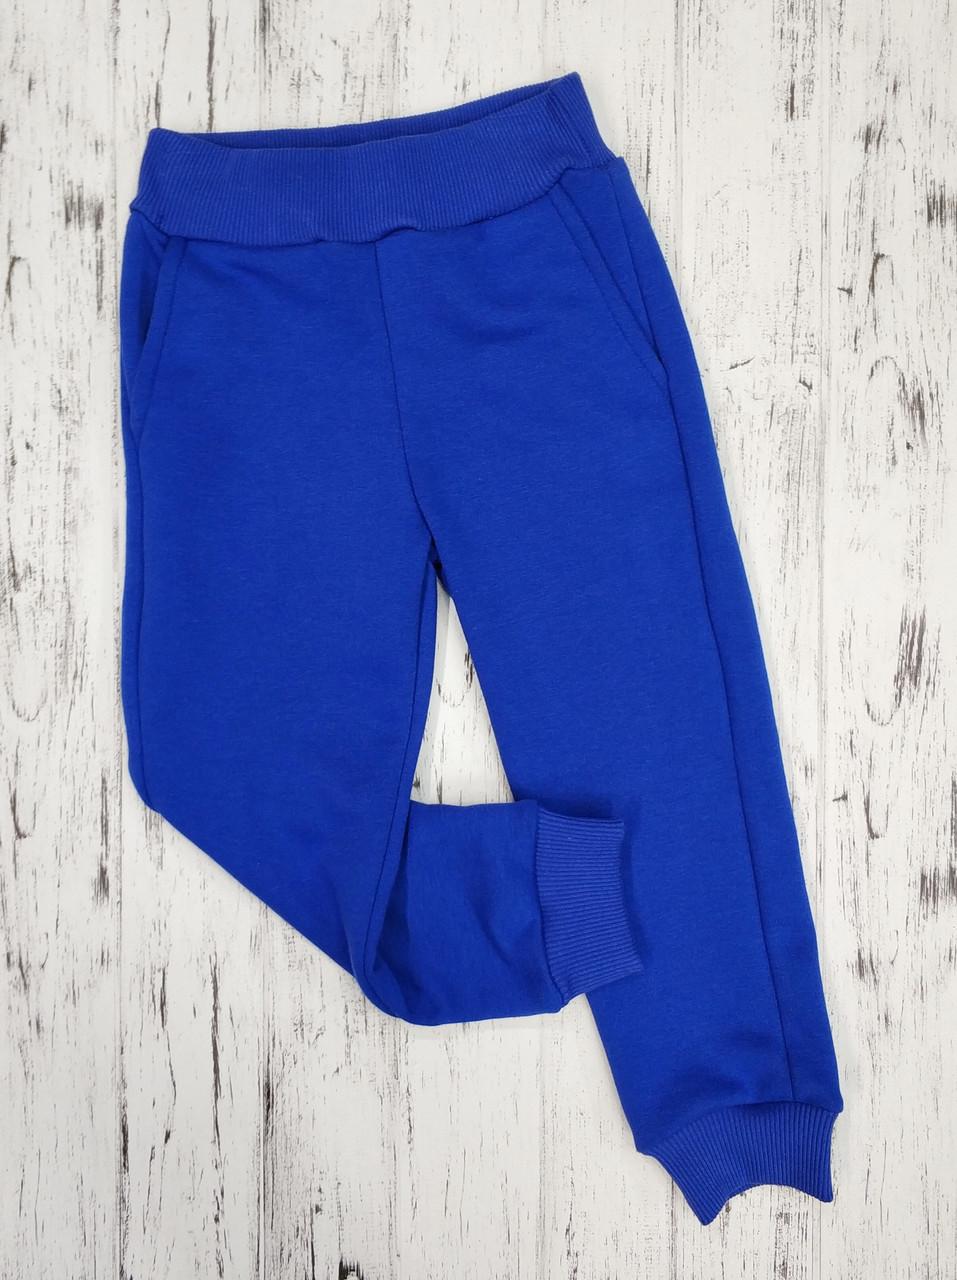 Дитячі спортивні штани для дівчинки сині